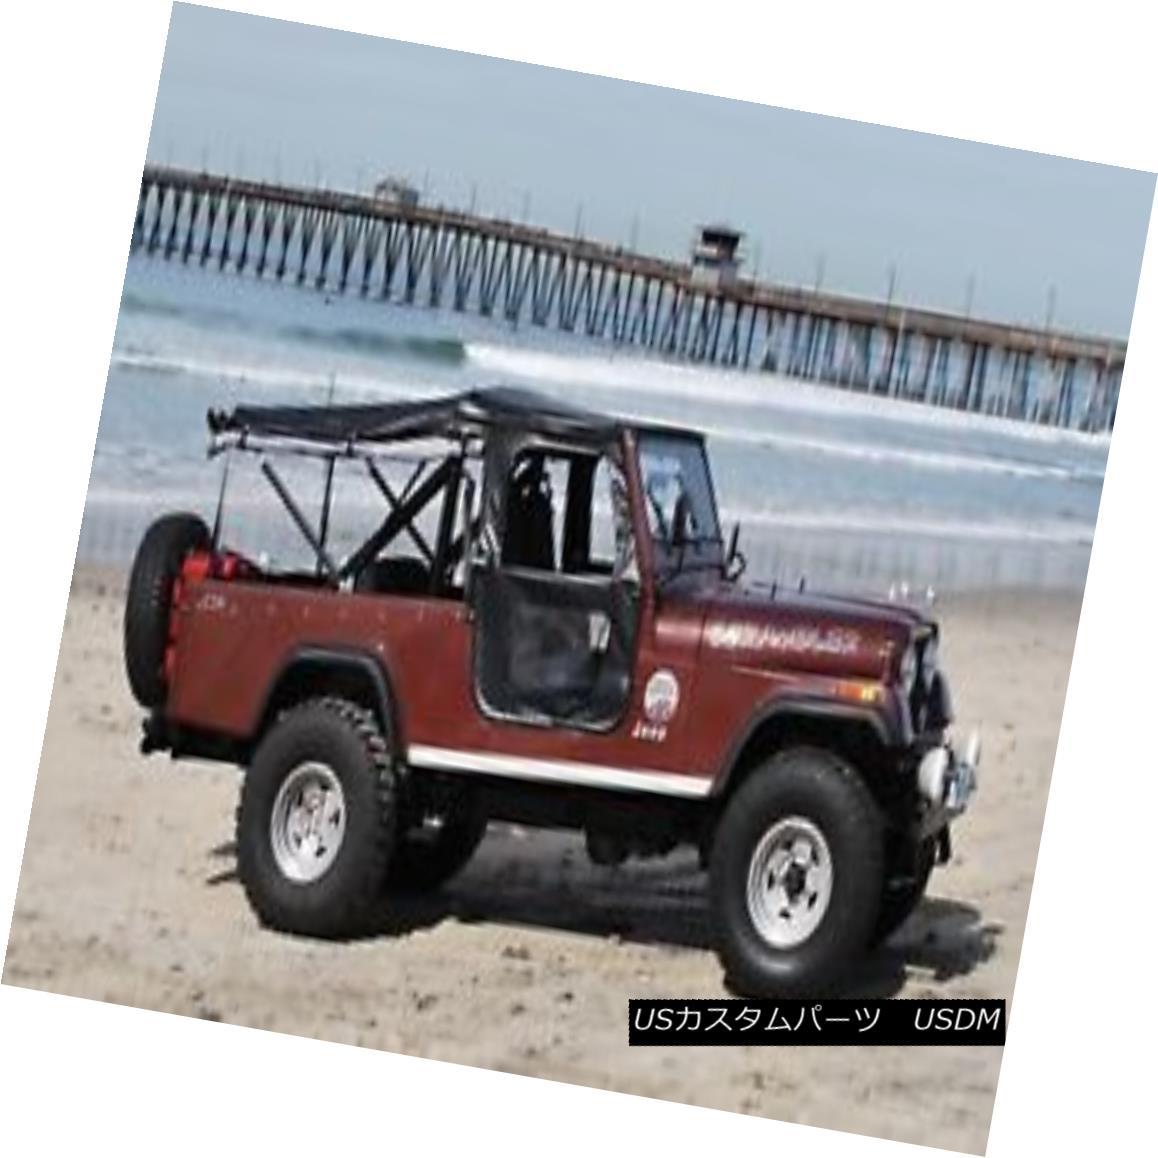 幌・ソフトトップ Bestop 51405-01 Jeep Tigertop Complete Replacement Soft Top Black Bestop 51405-01ジープTigertop完全な交換ソフトトップブラック